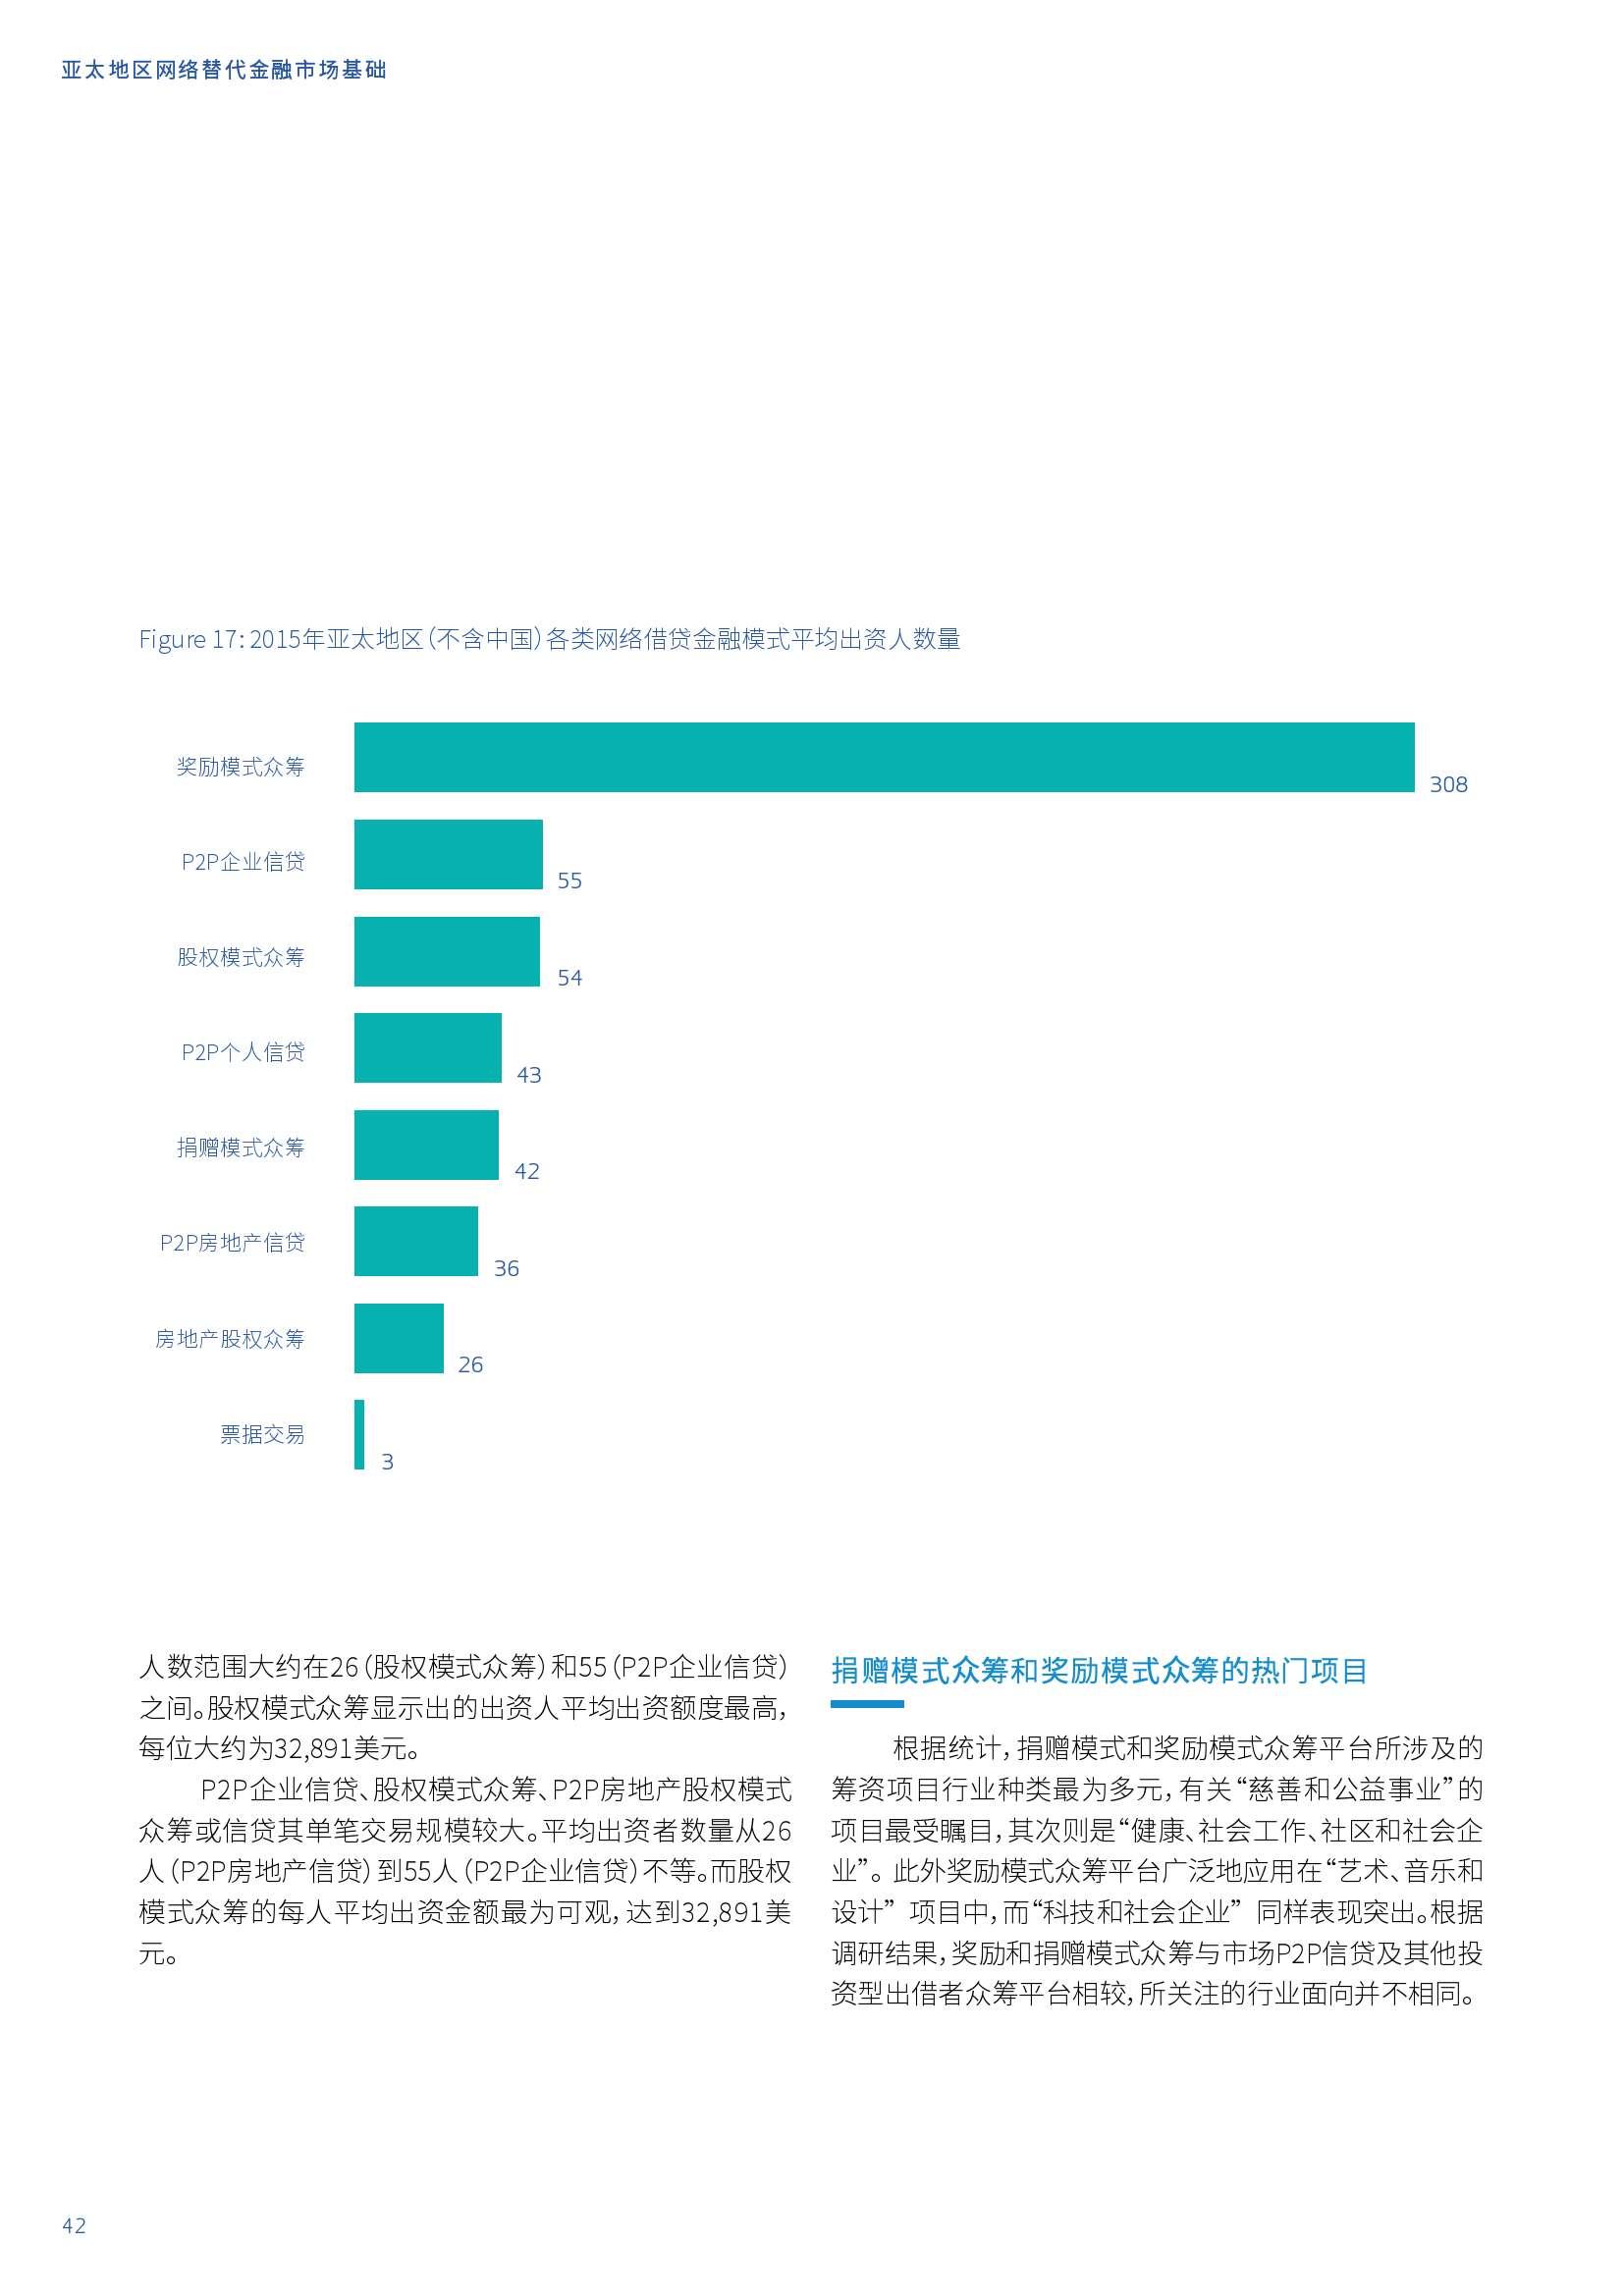 亚太地区网络替代金融基准报告_000042